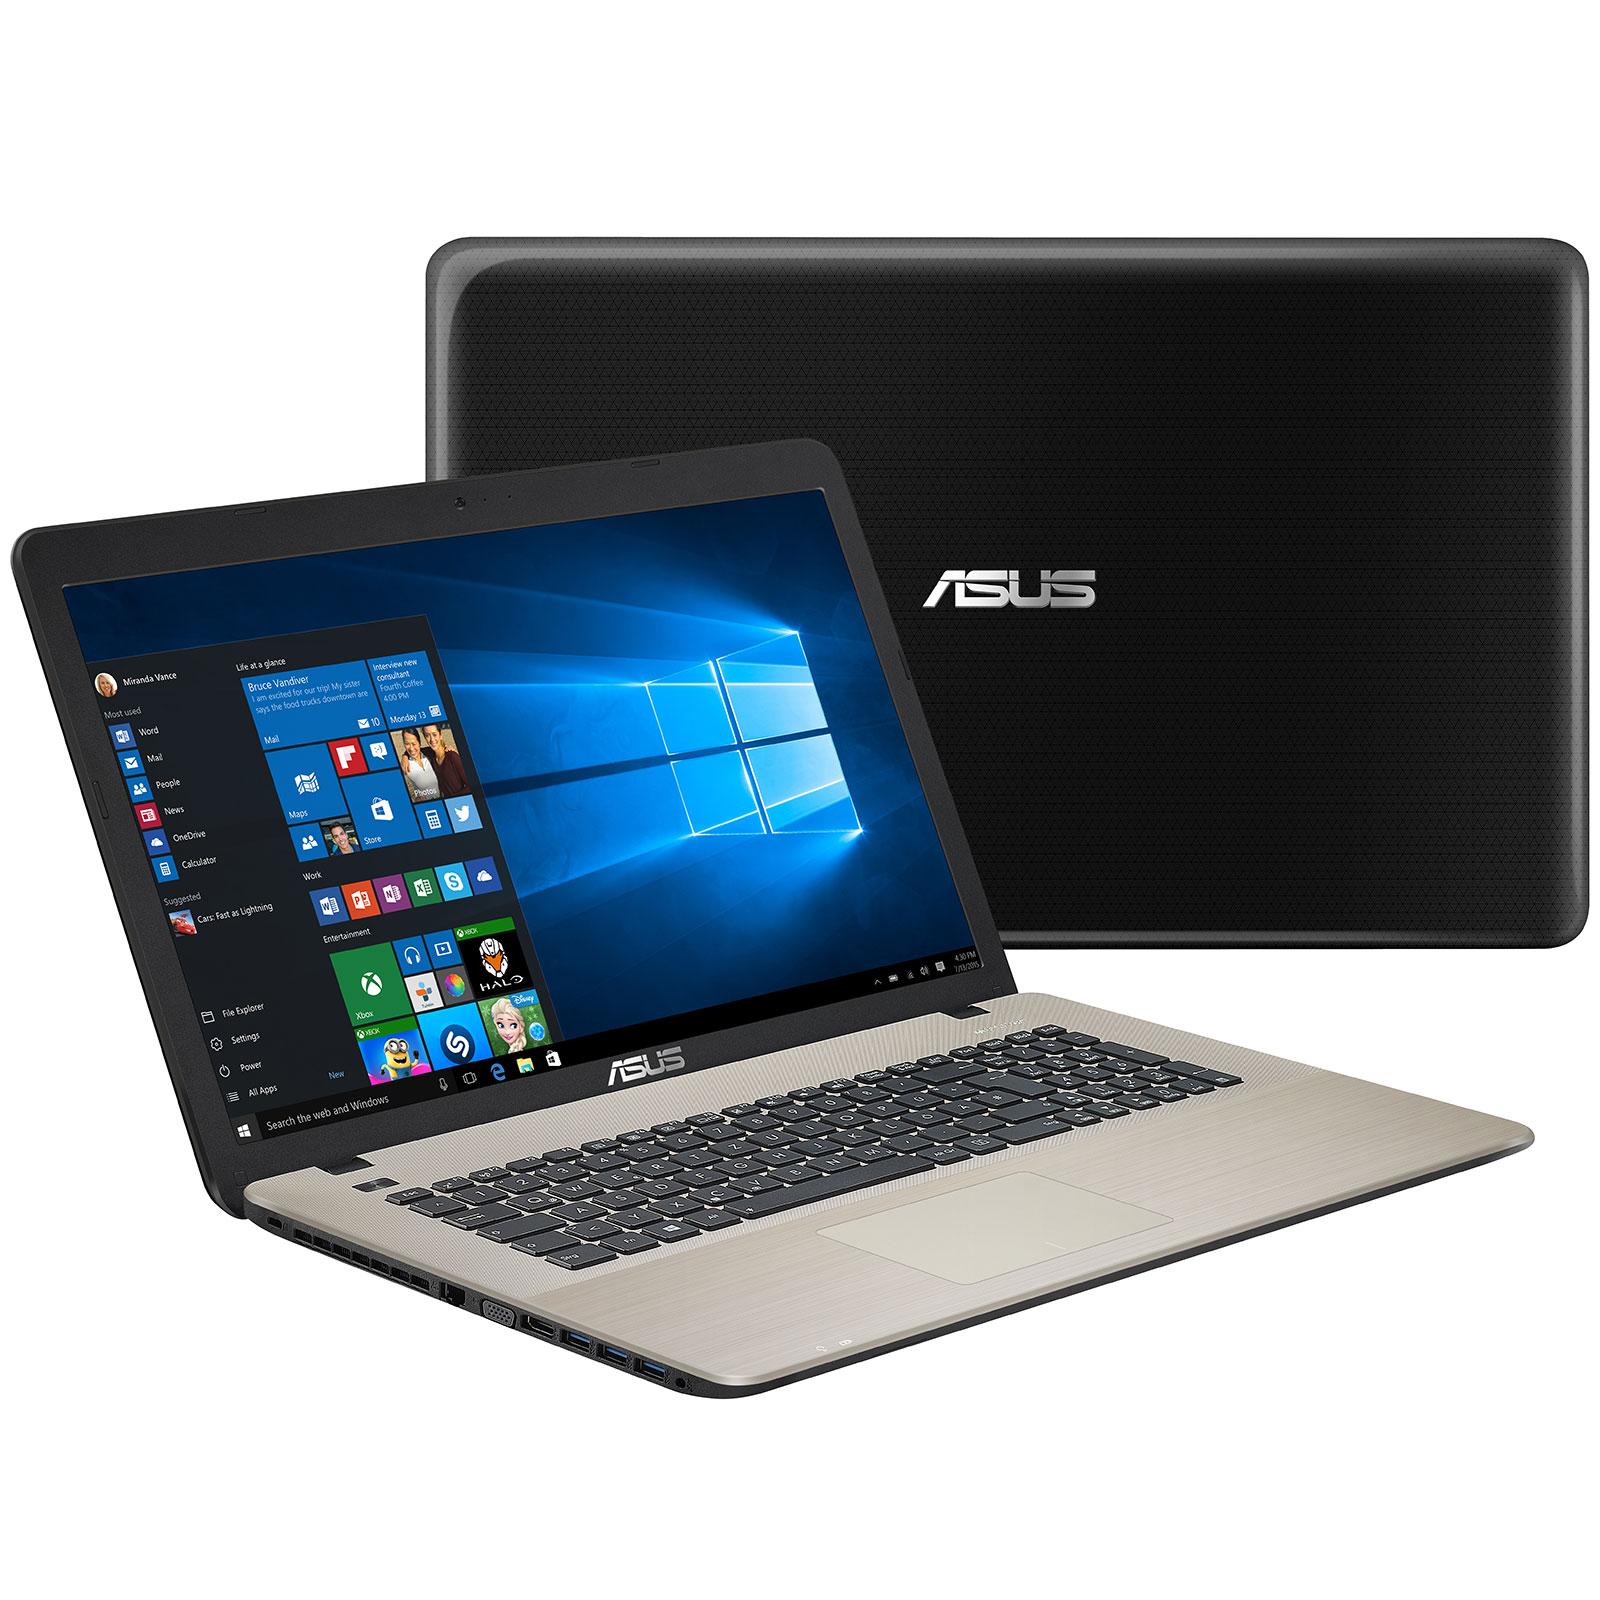 Asus x752lj ty358t pc portable asus sur - Ordinateur portable 1 to ...